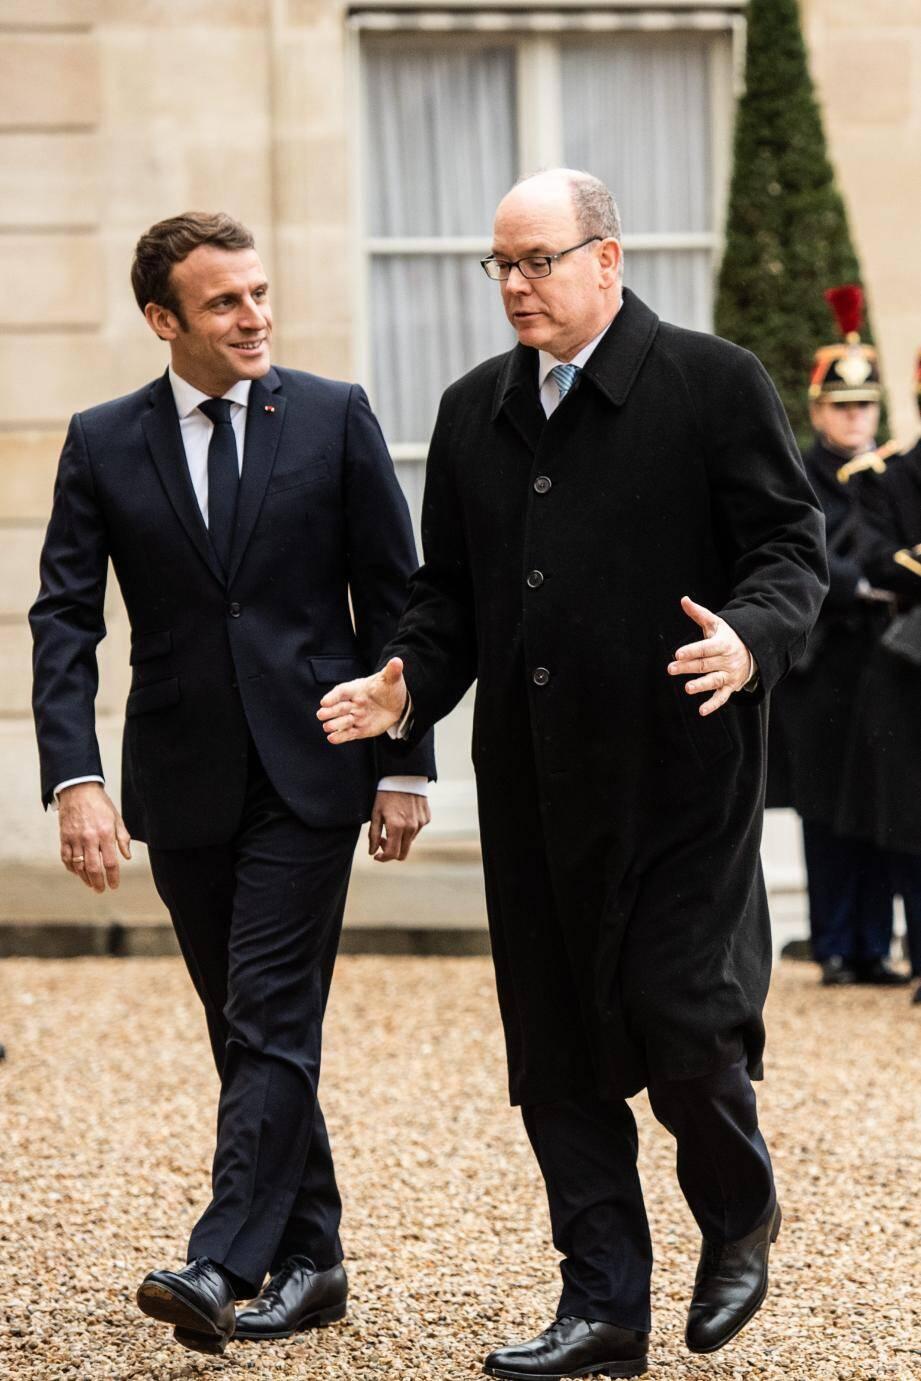 Avec l'empereur du Japon à Tokyo, reçu par le président français à Paris, accueilli par le roi d'Espagne à Madrid ou hôte du Premier ministre indien à New Delhi, le souverain a multiplié cette année encore les déplacements officiels.